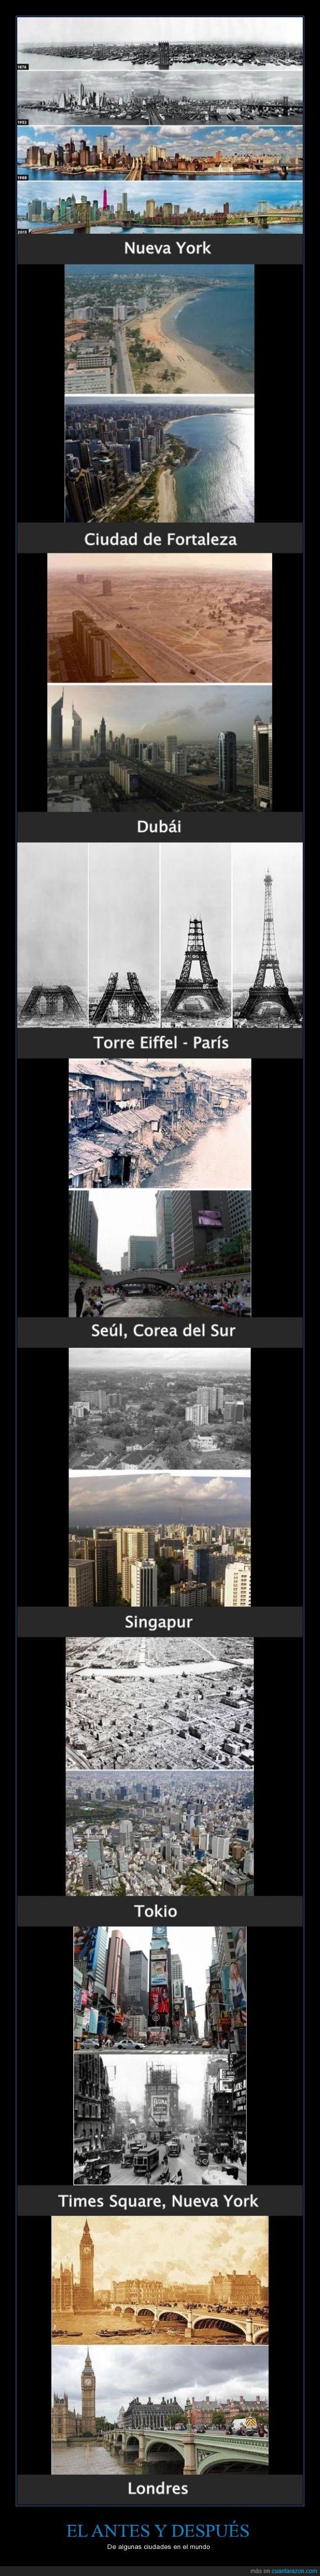 antes y después,Brasil,Ciudad de Fortaleza,ciudades,Corea del Sur,Dubái,Francia,Inglaterra,Londres,mundo,Nueva York,París,Seúl,Singapur,Times Square,Tokio